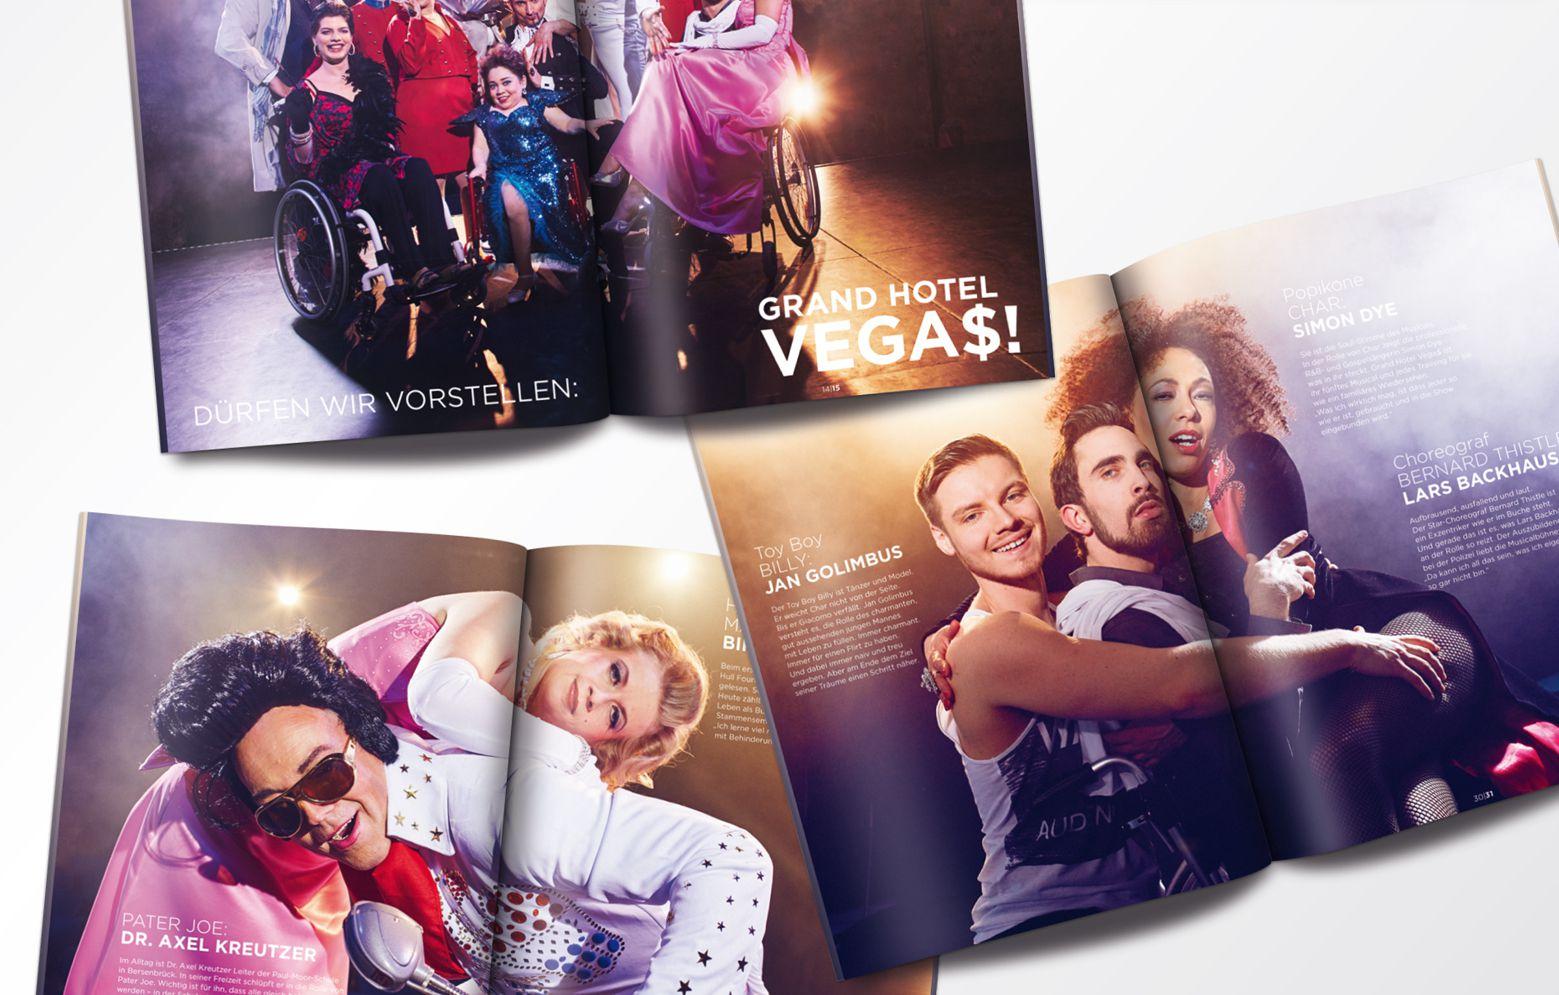 Innenseiten des Programmheftes des Grand Hotel Vegas